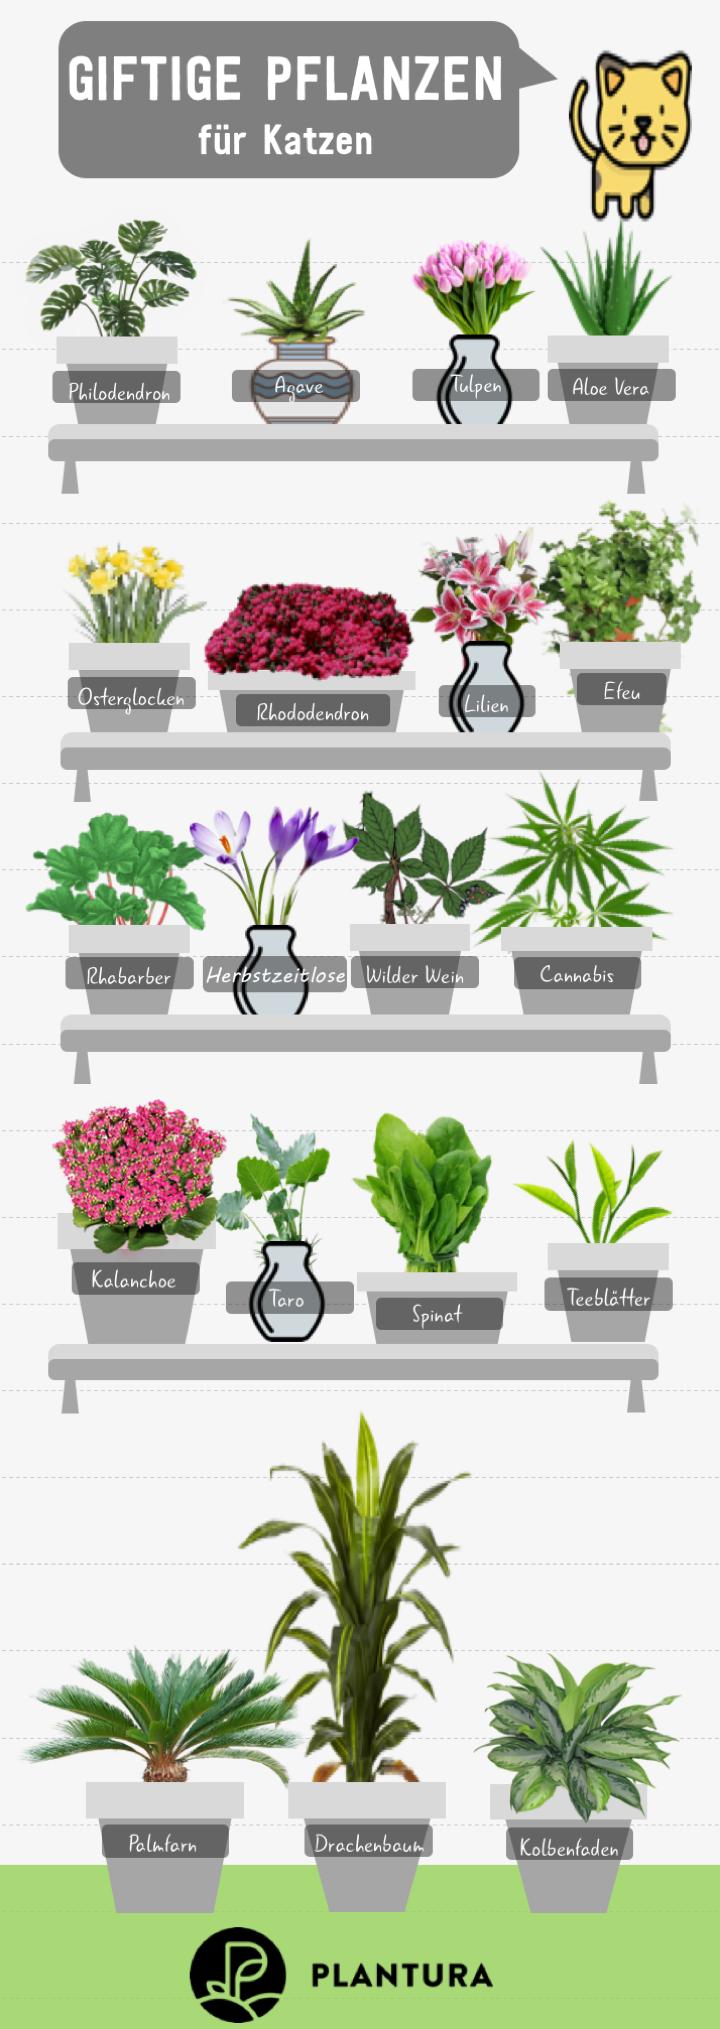 10 giftige Zimmerpflanzen für Haustiere | Giftige pflanzen ...